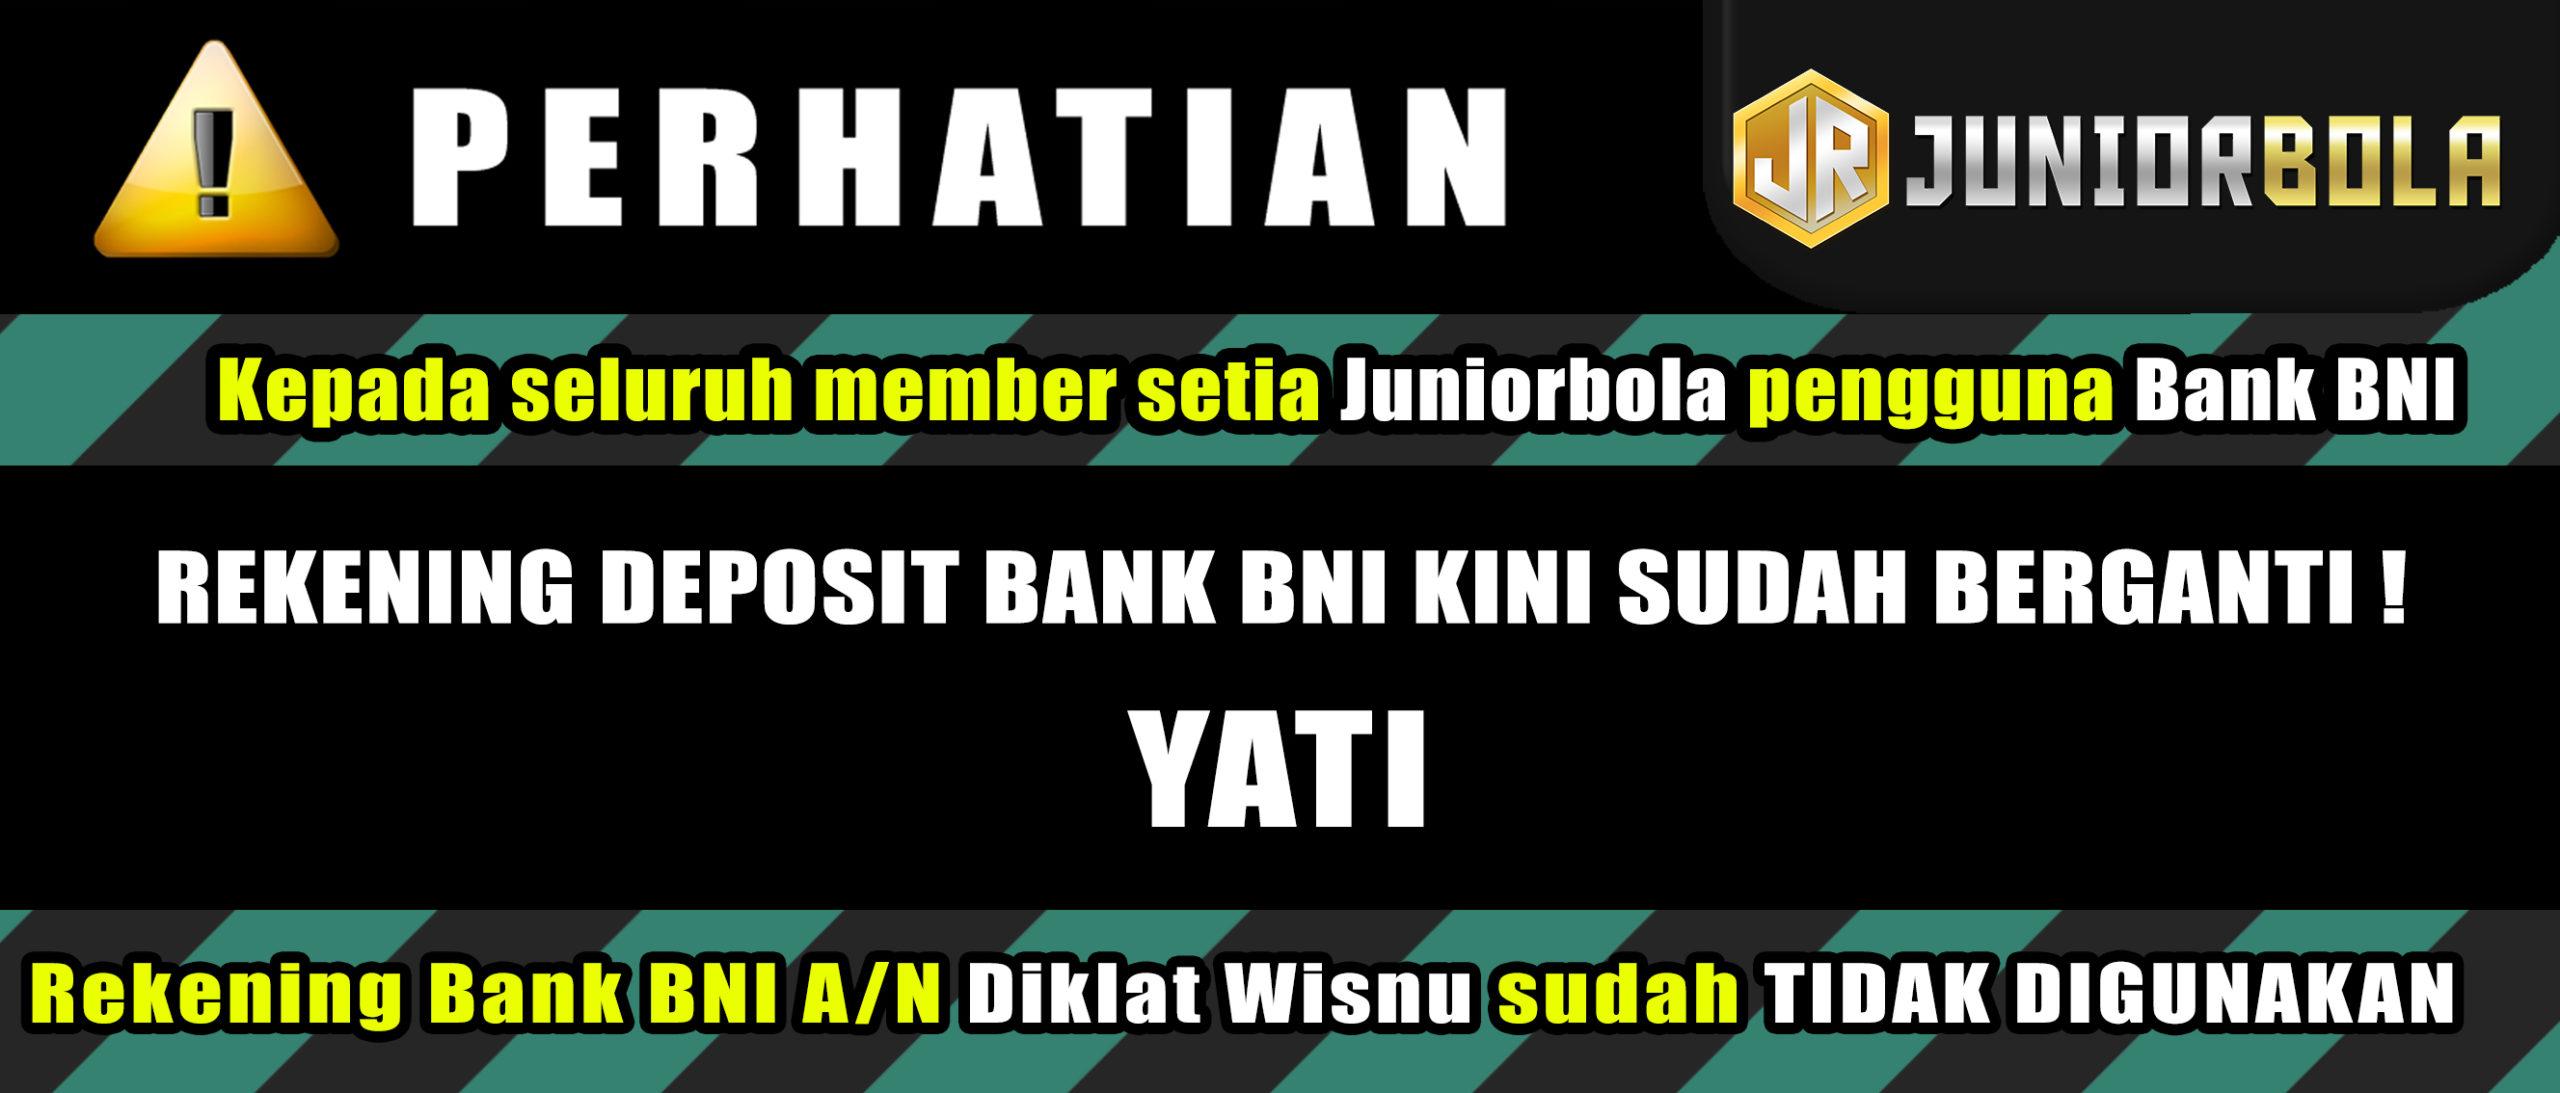 banner bank bni